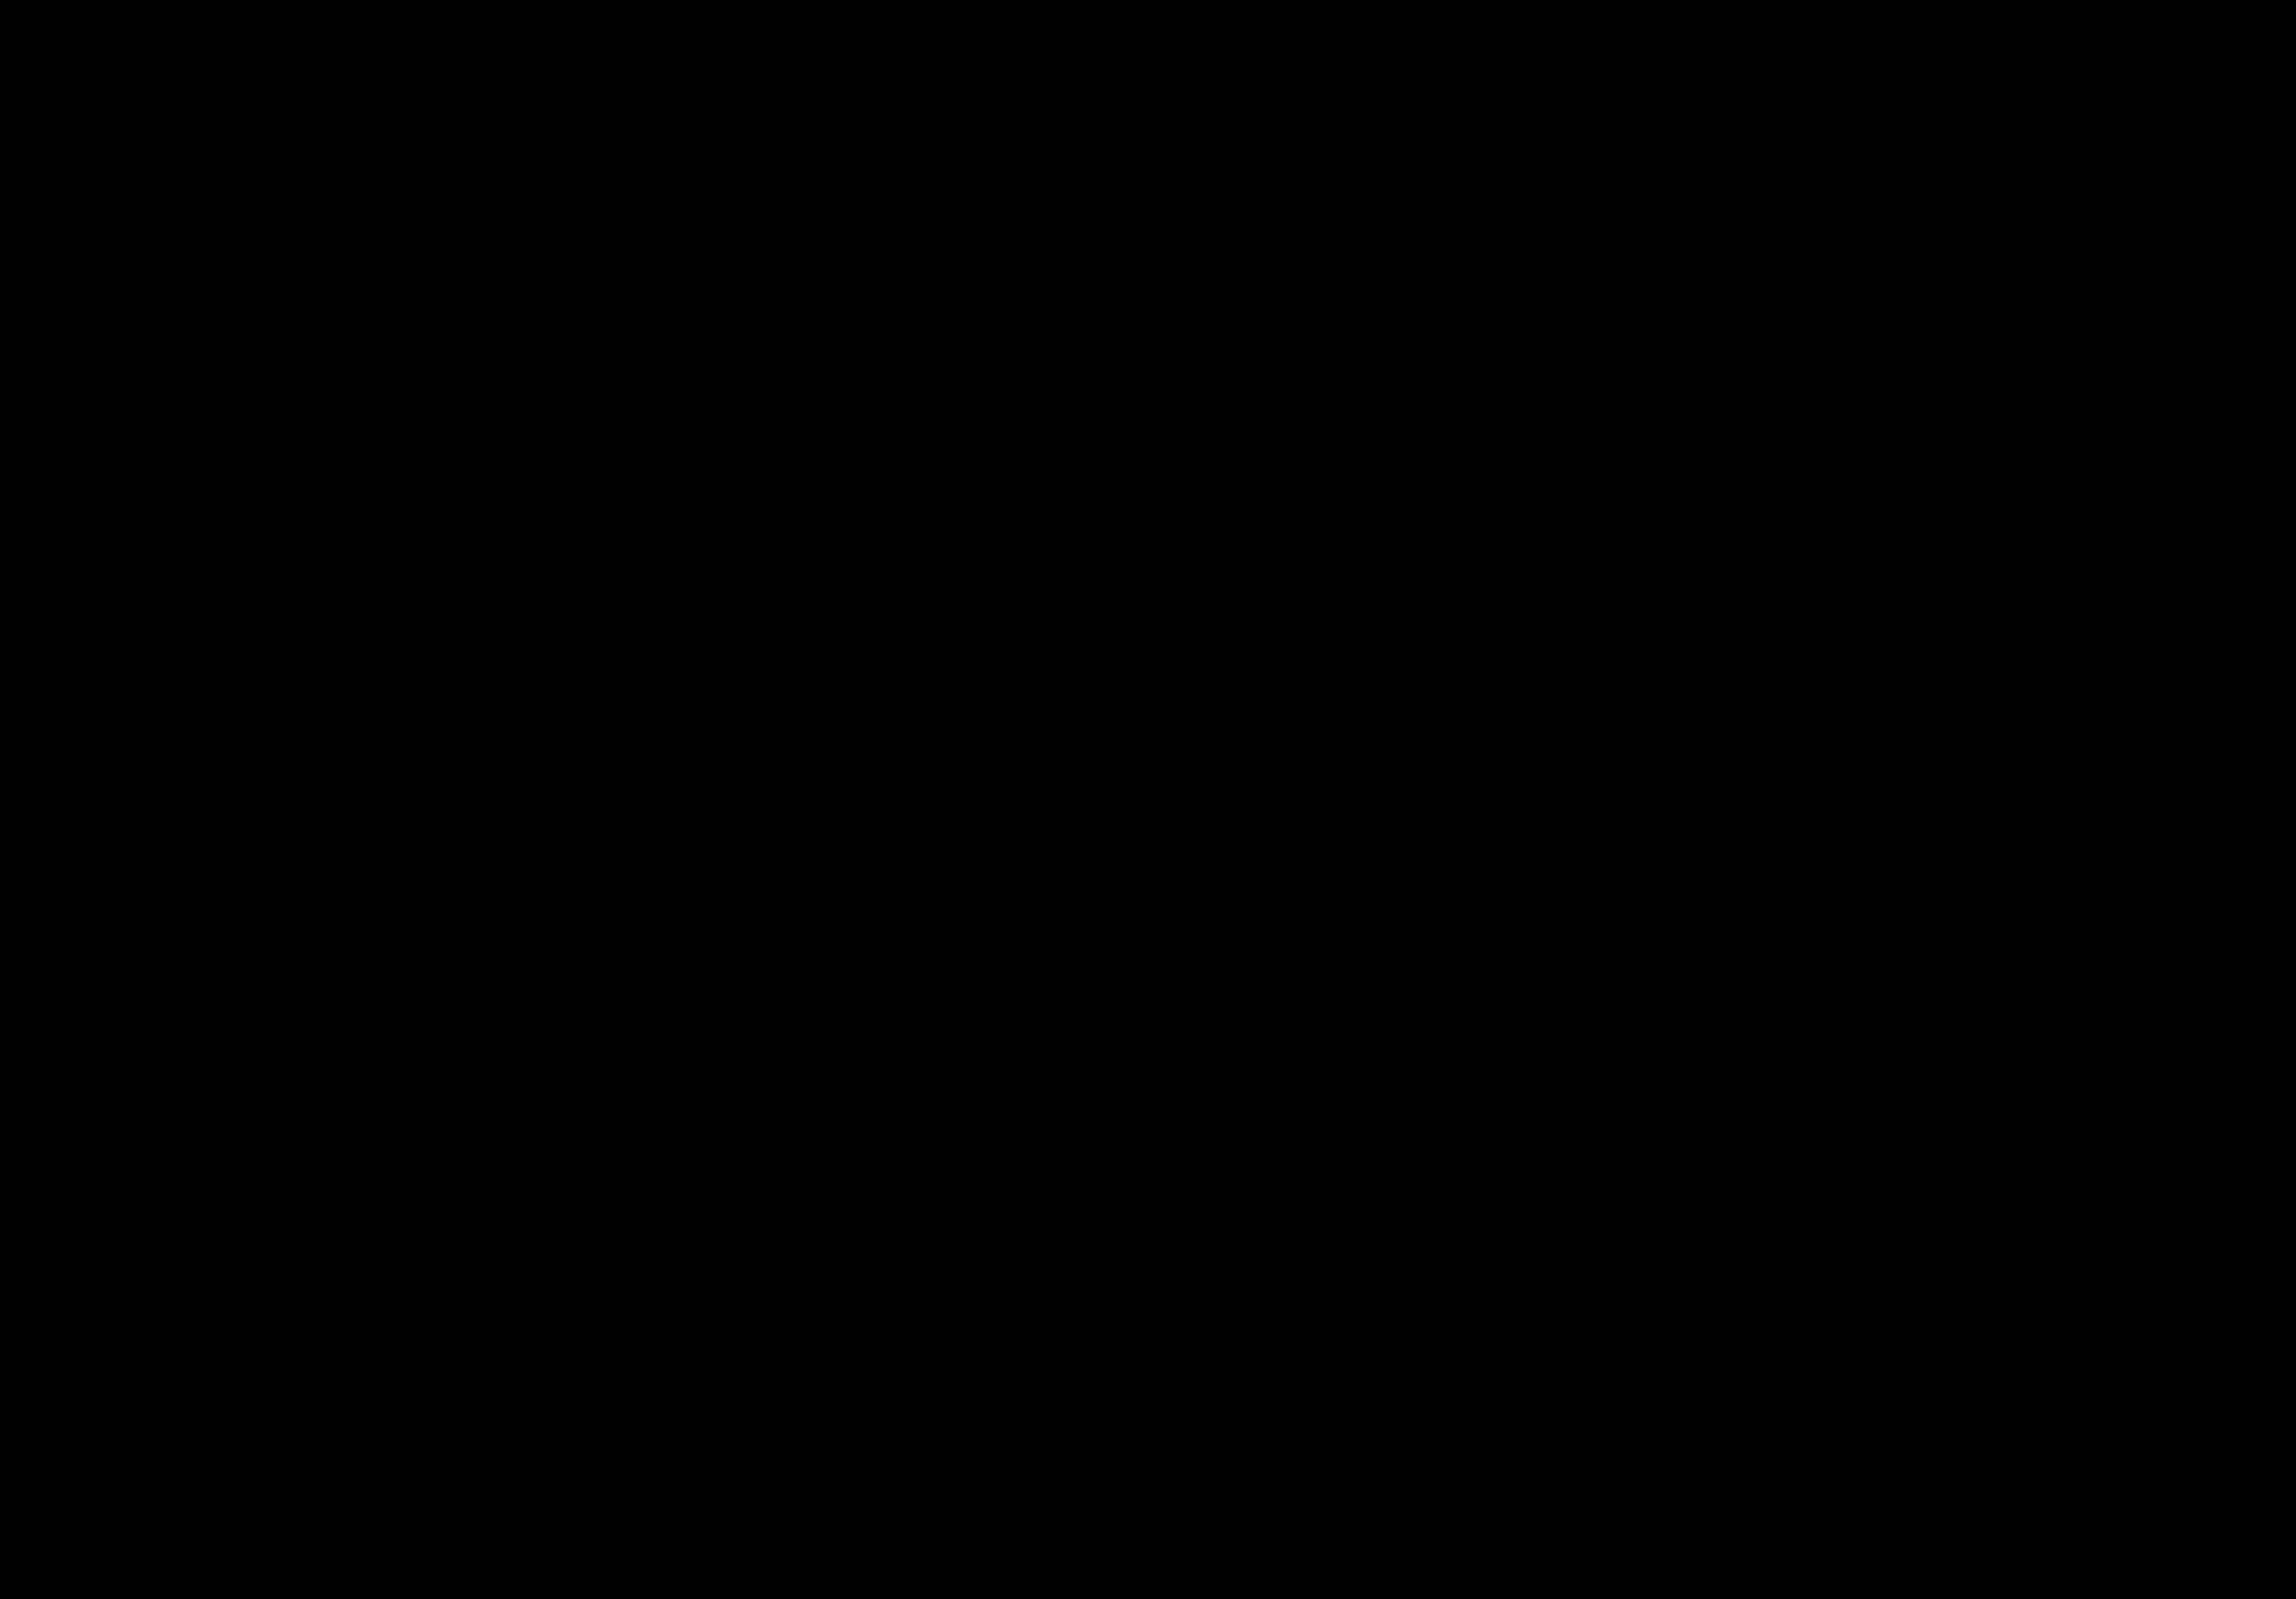 【商業事務組】《商智商識 – 疫境自強》-「疫」流而上創新機會座談會暨閉幕禮